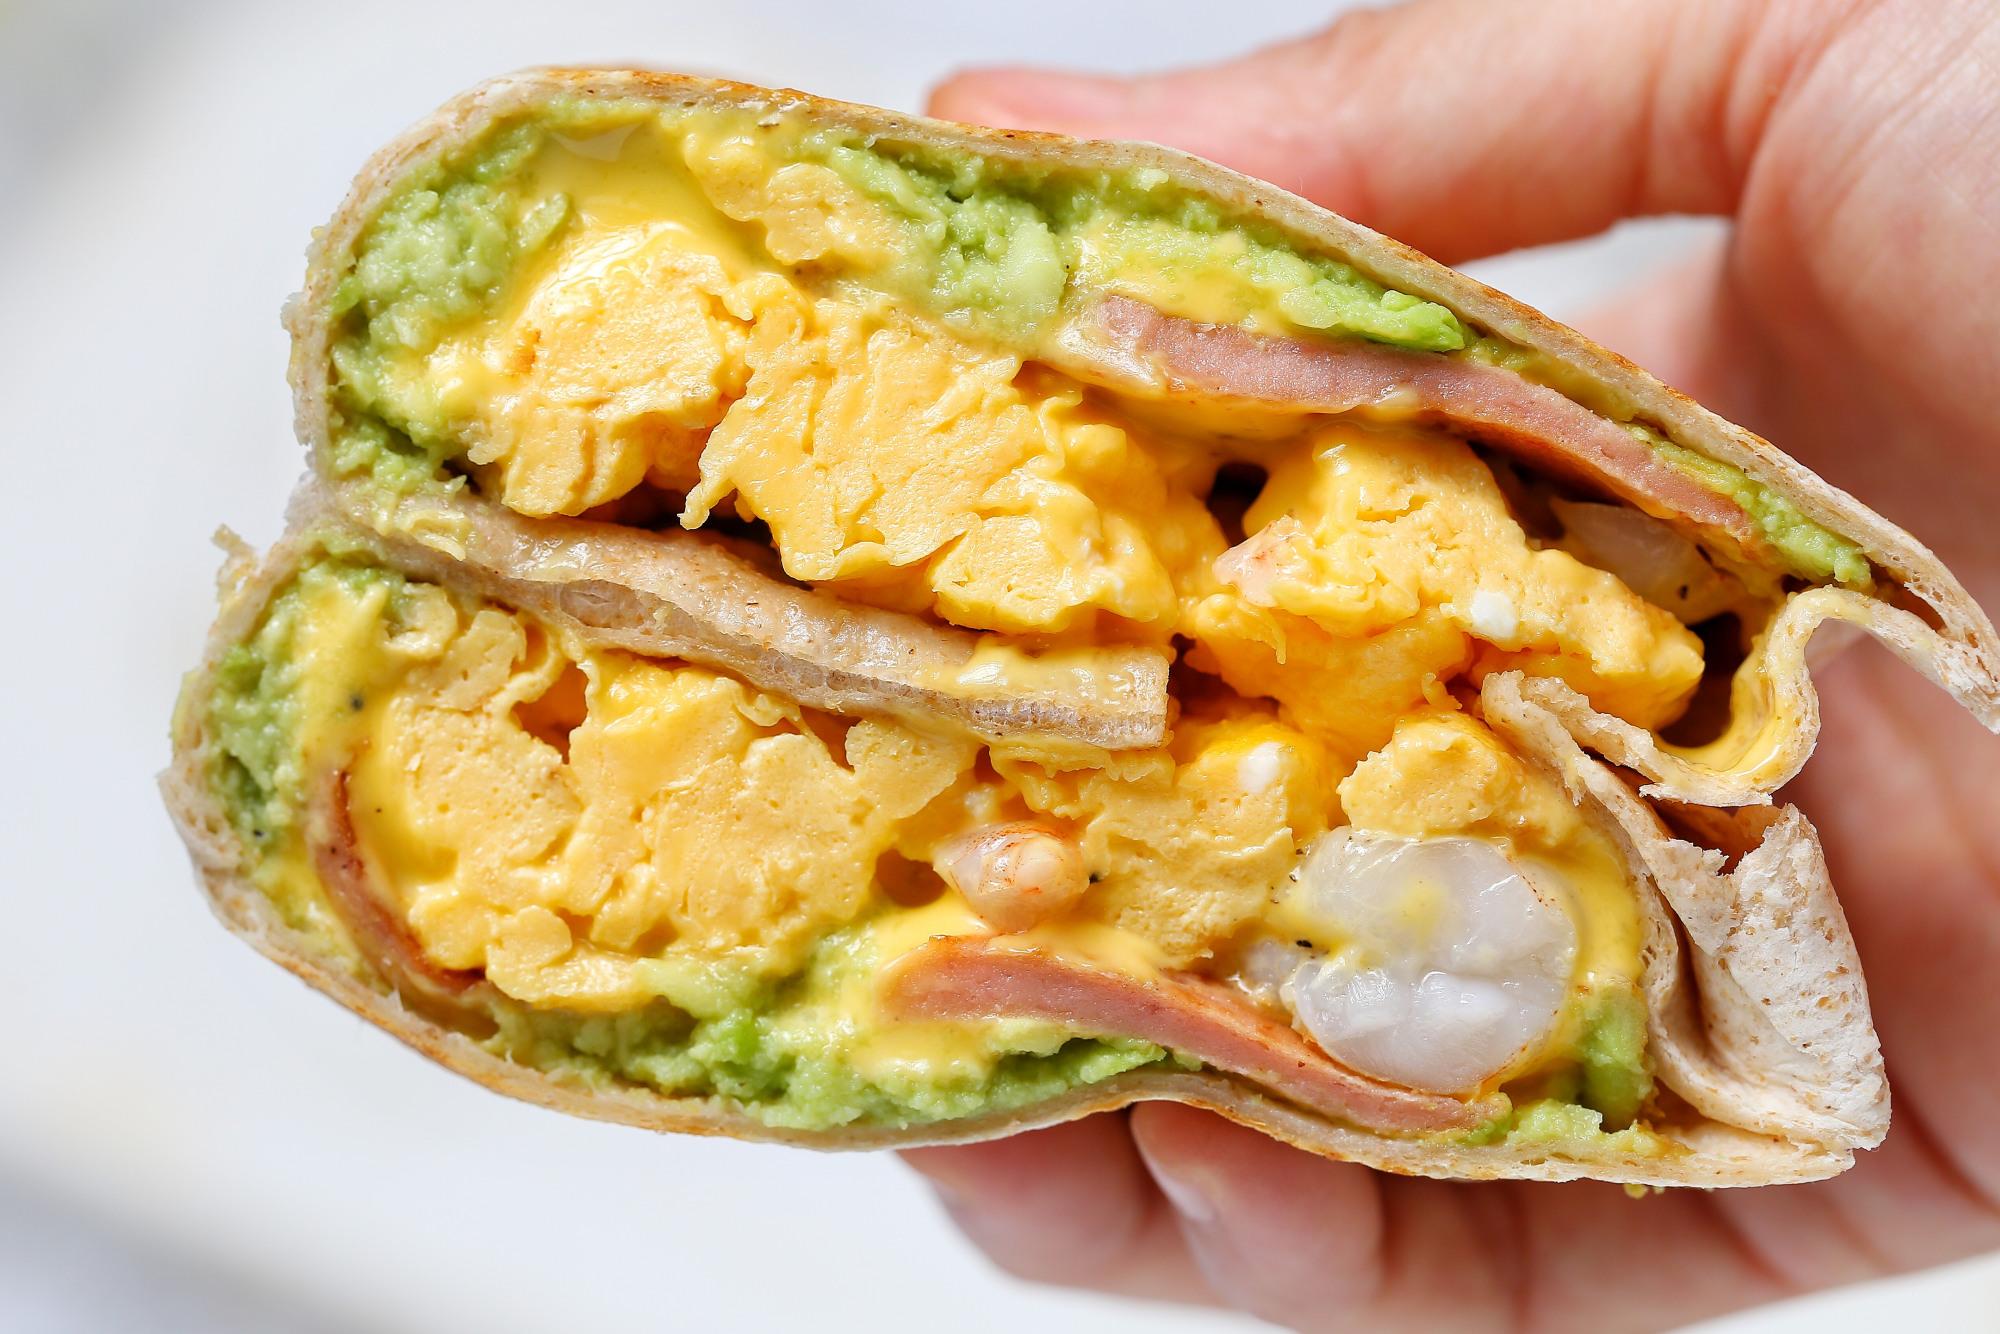 连吃一周也不腻的早餐饼,有虾有蛋营养均衡,简单快手十分钟上桌 美食做法 第2张